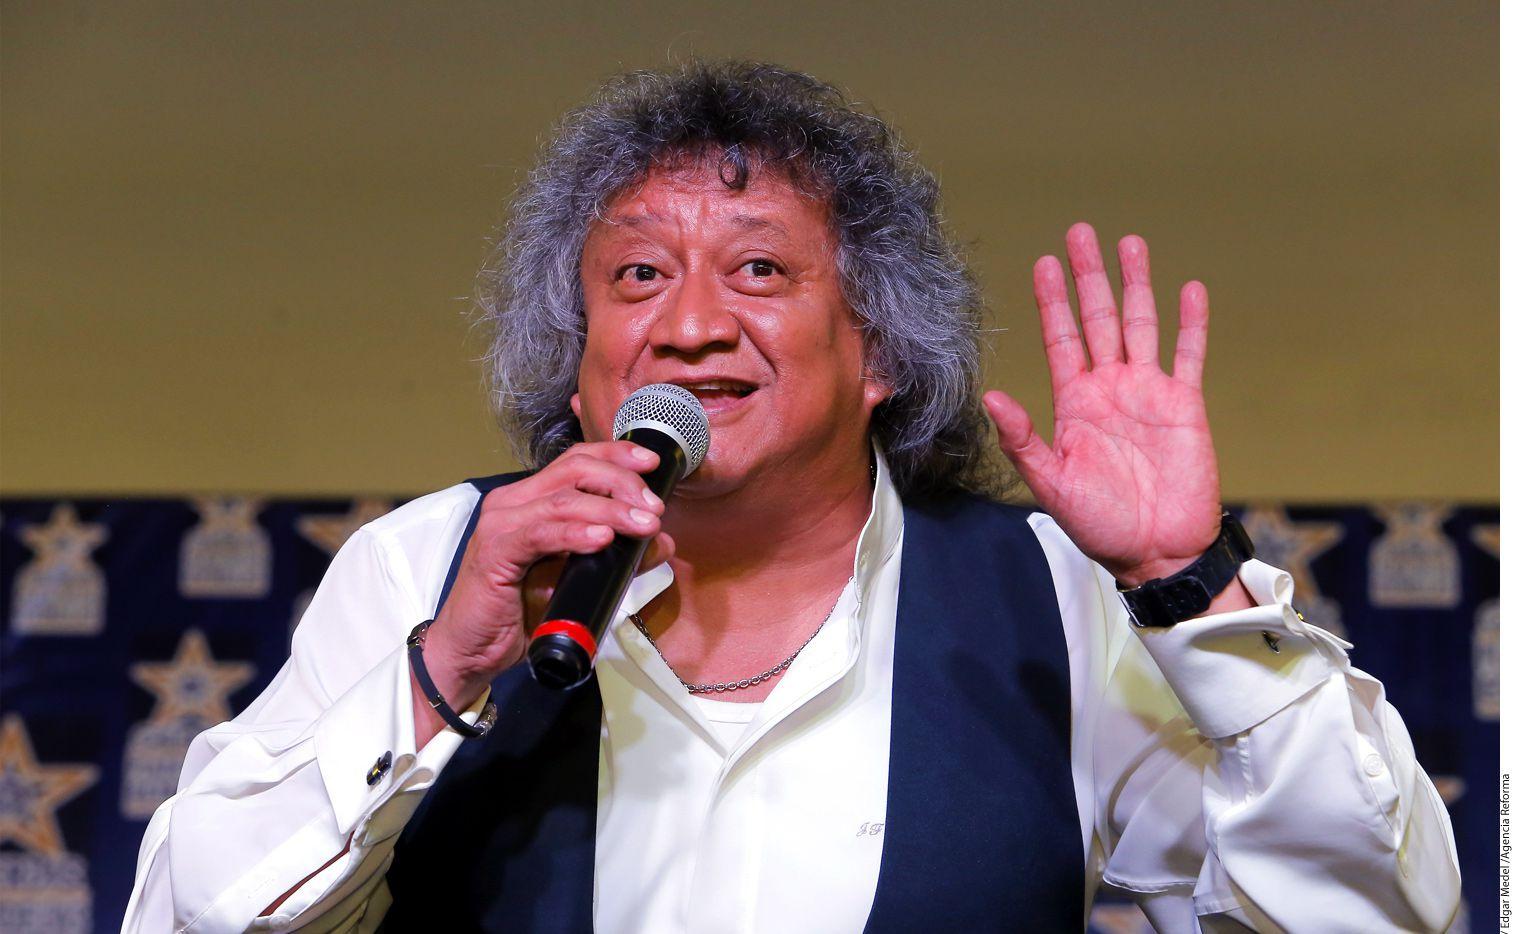 Ladrones irrumpieron este domingo en el domicilio del comediante Jorge Falcón, en Tlalpan. / AGENCIA REFORMA